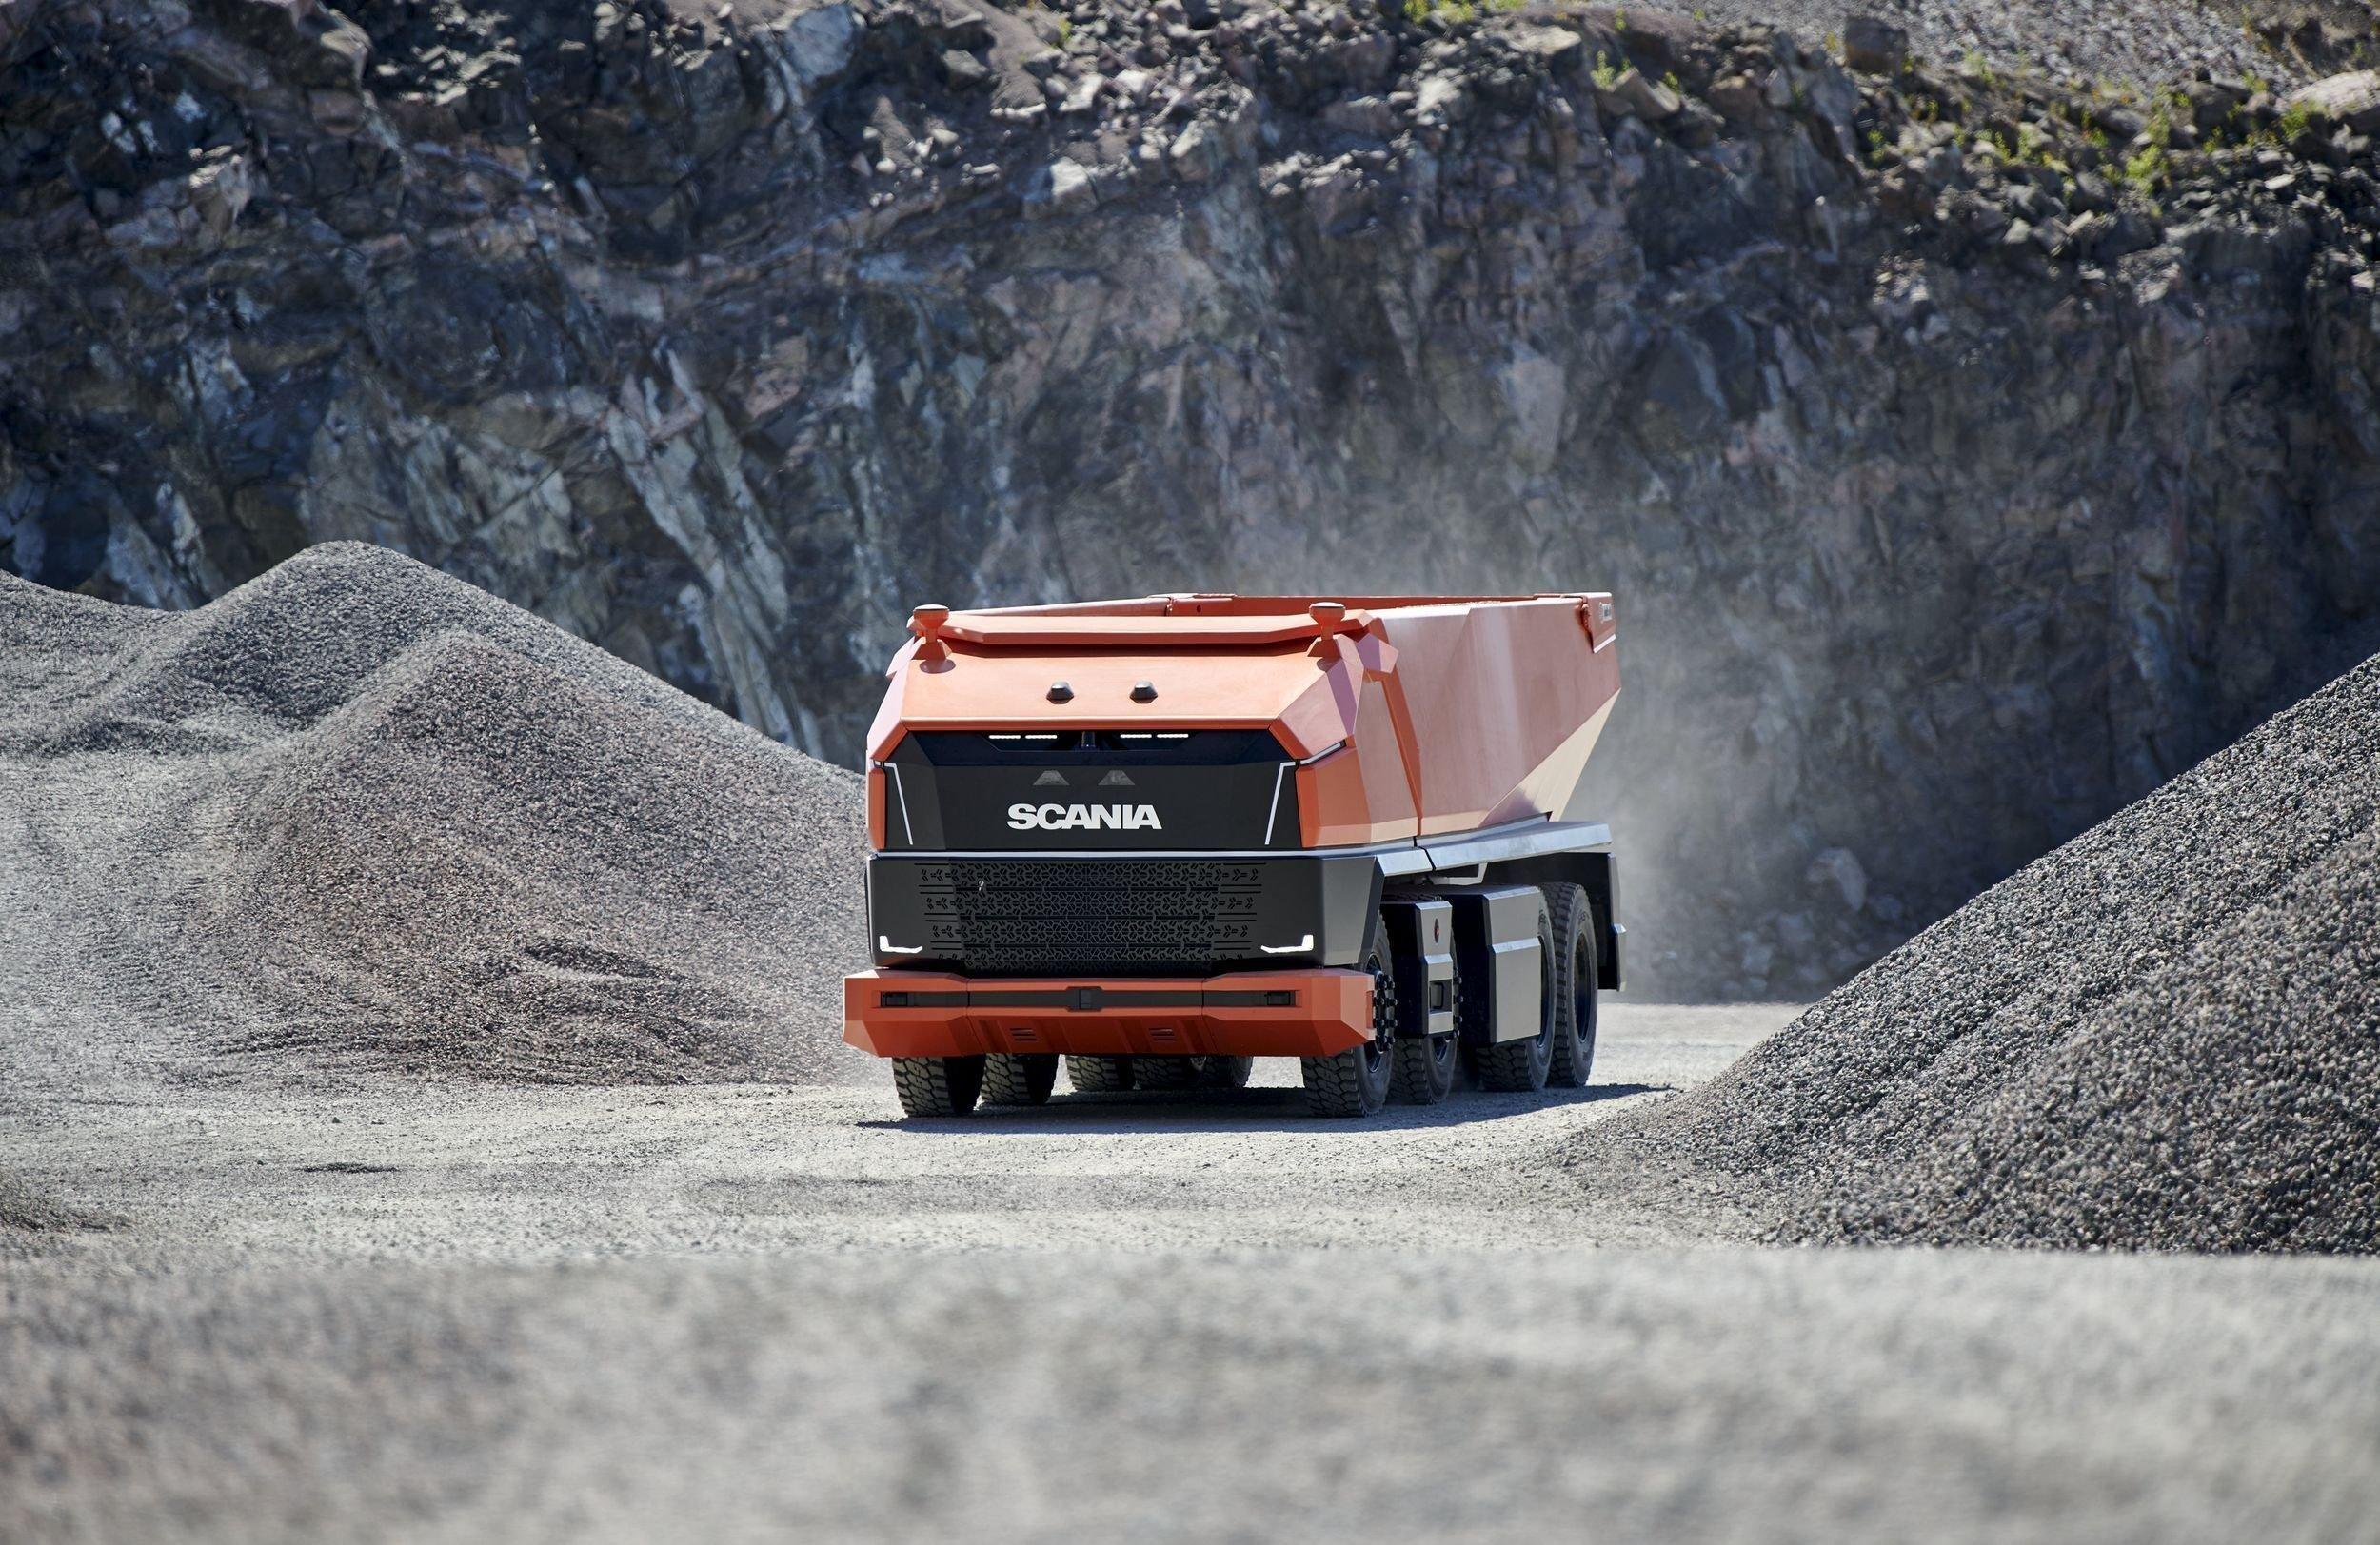 Scania AXL: концептуальный автономный грузовик, у которого даже нет кабины